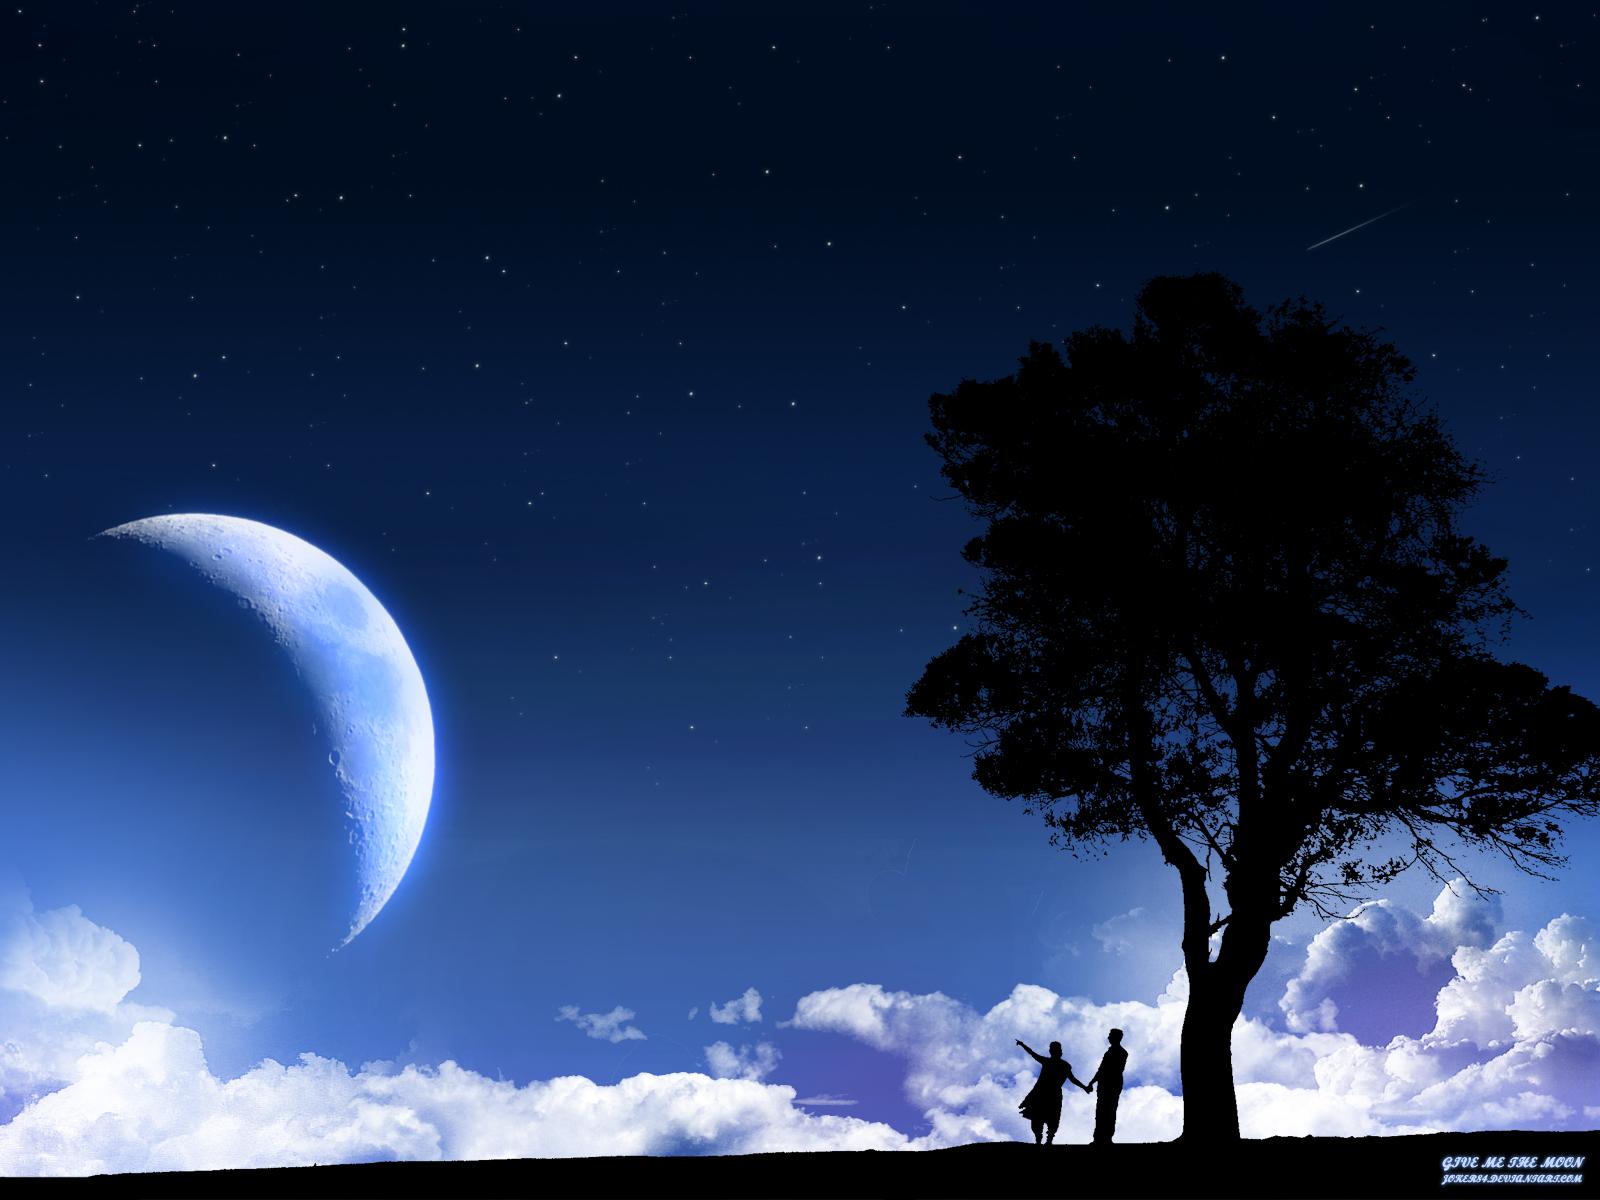 ночь, луна, обои для рабочего стола, любовь, влюбленные, дерево